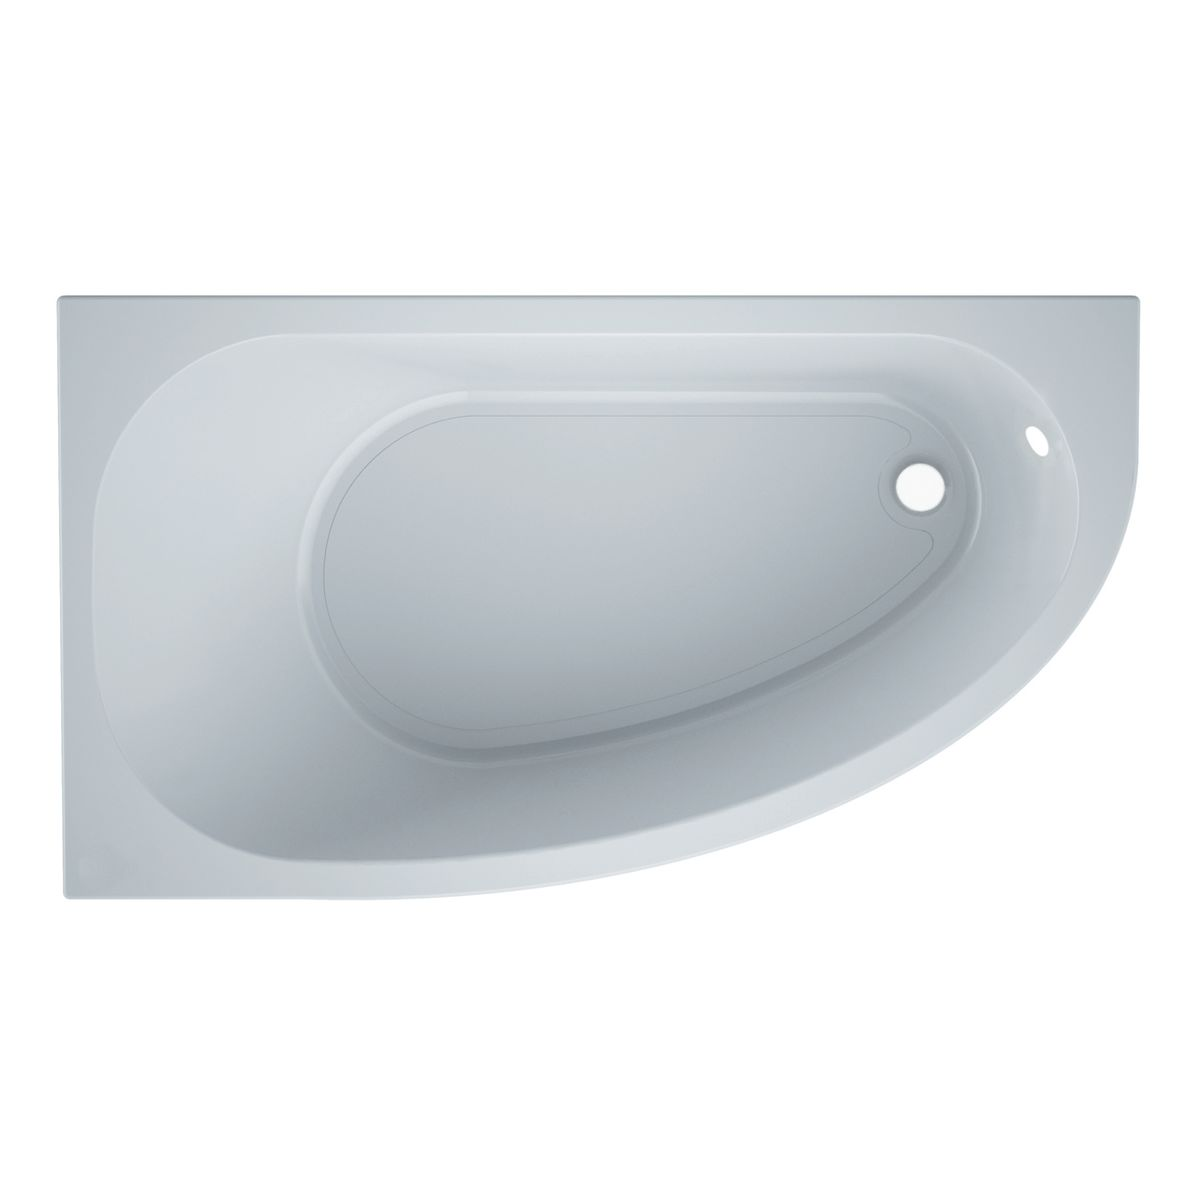 Bagnovasca con telaio tripoli x cm sx with mini vasca da bagno - Supporto per vasca da bagno ...